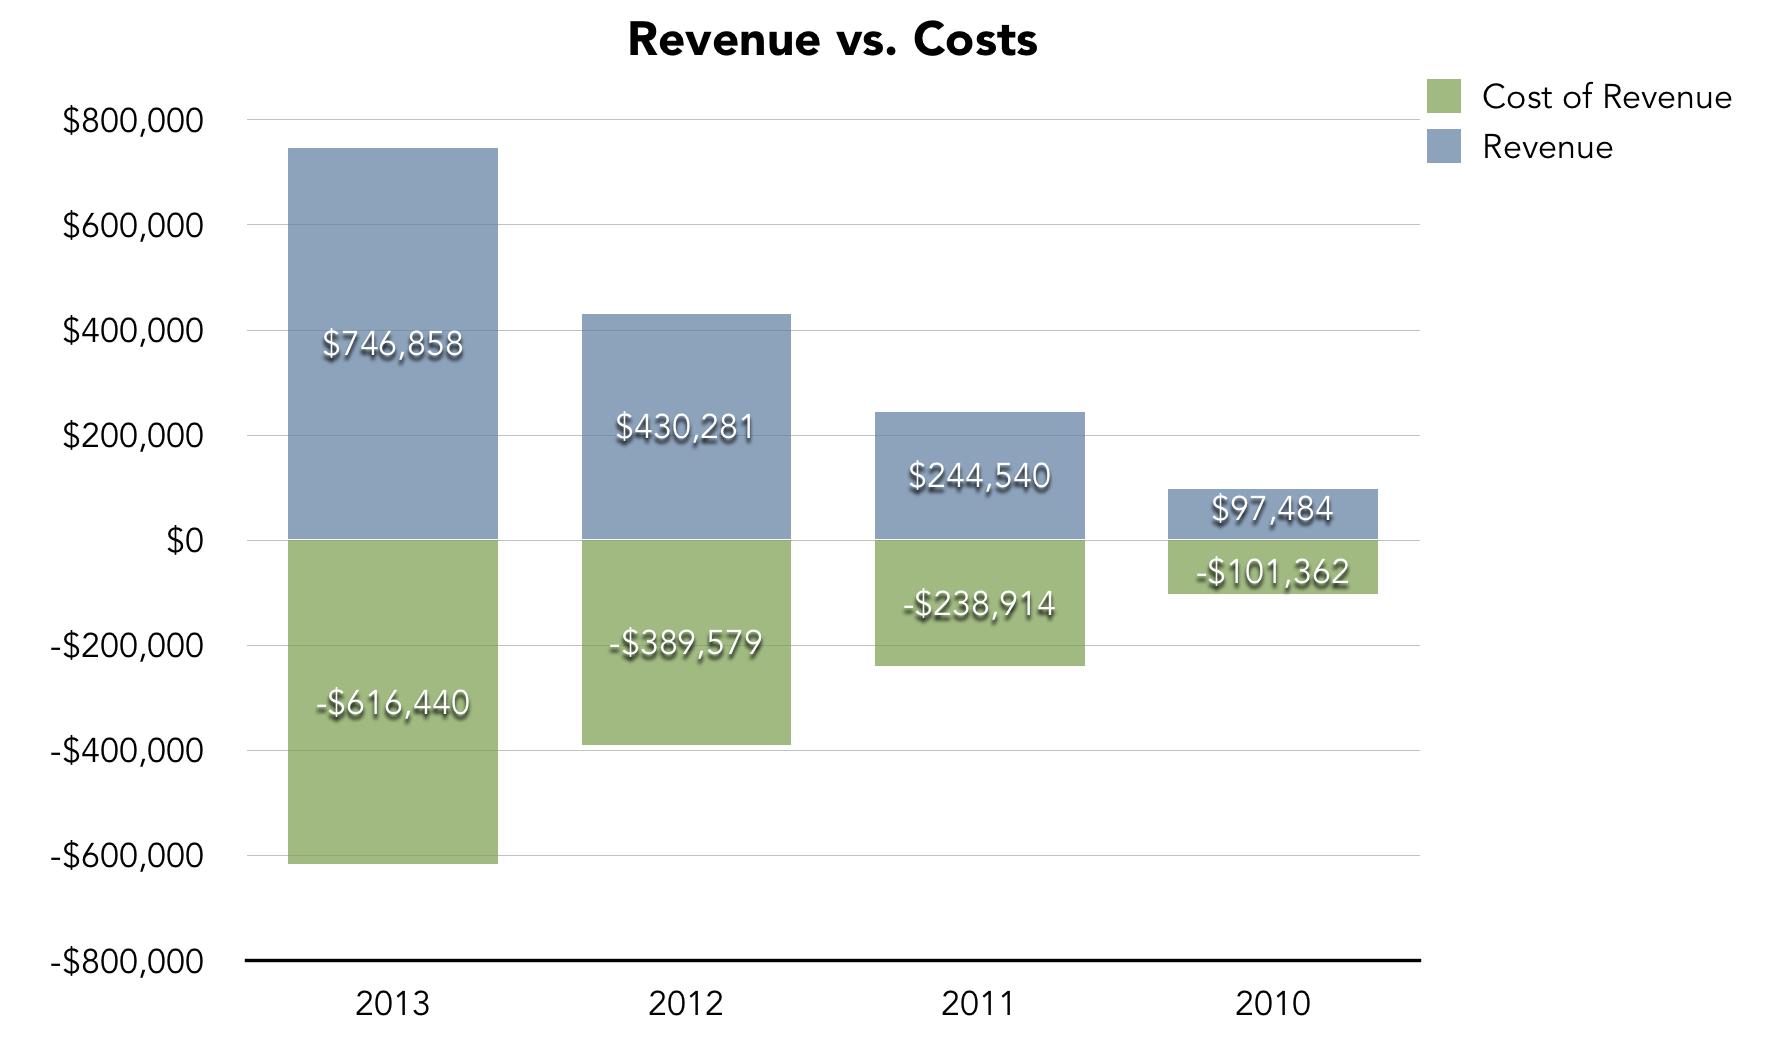 Revenues vs. Costs